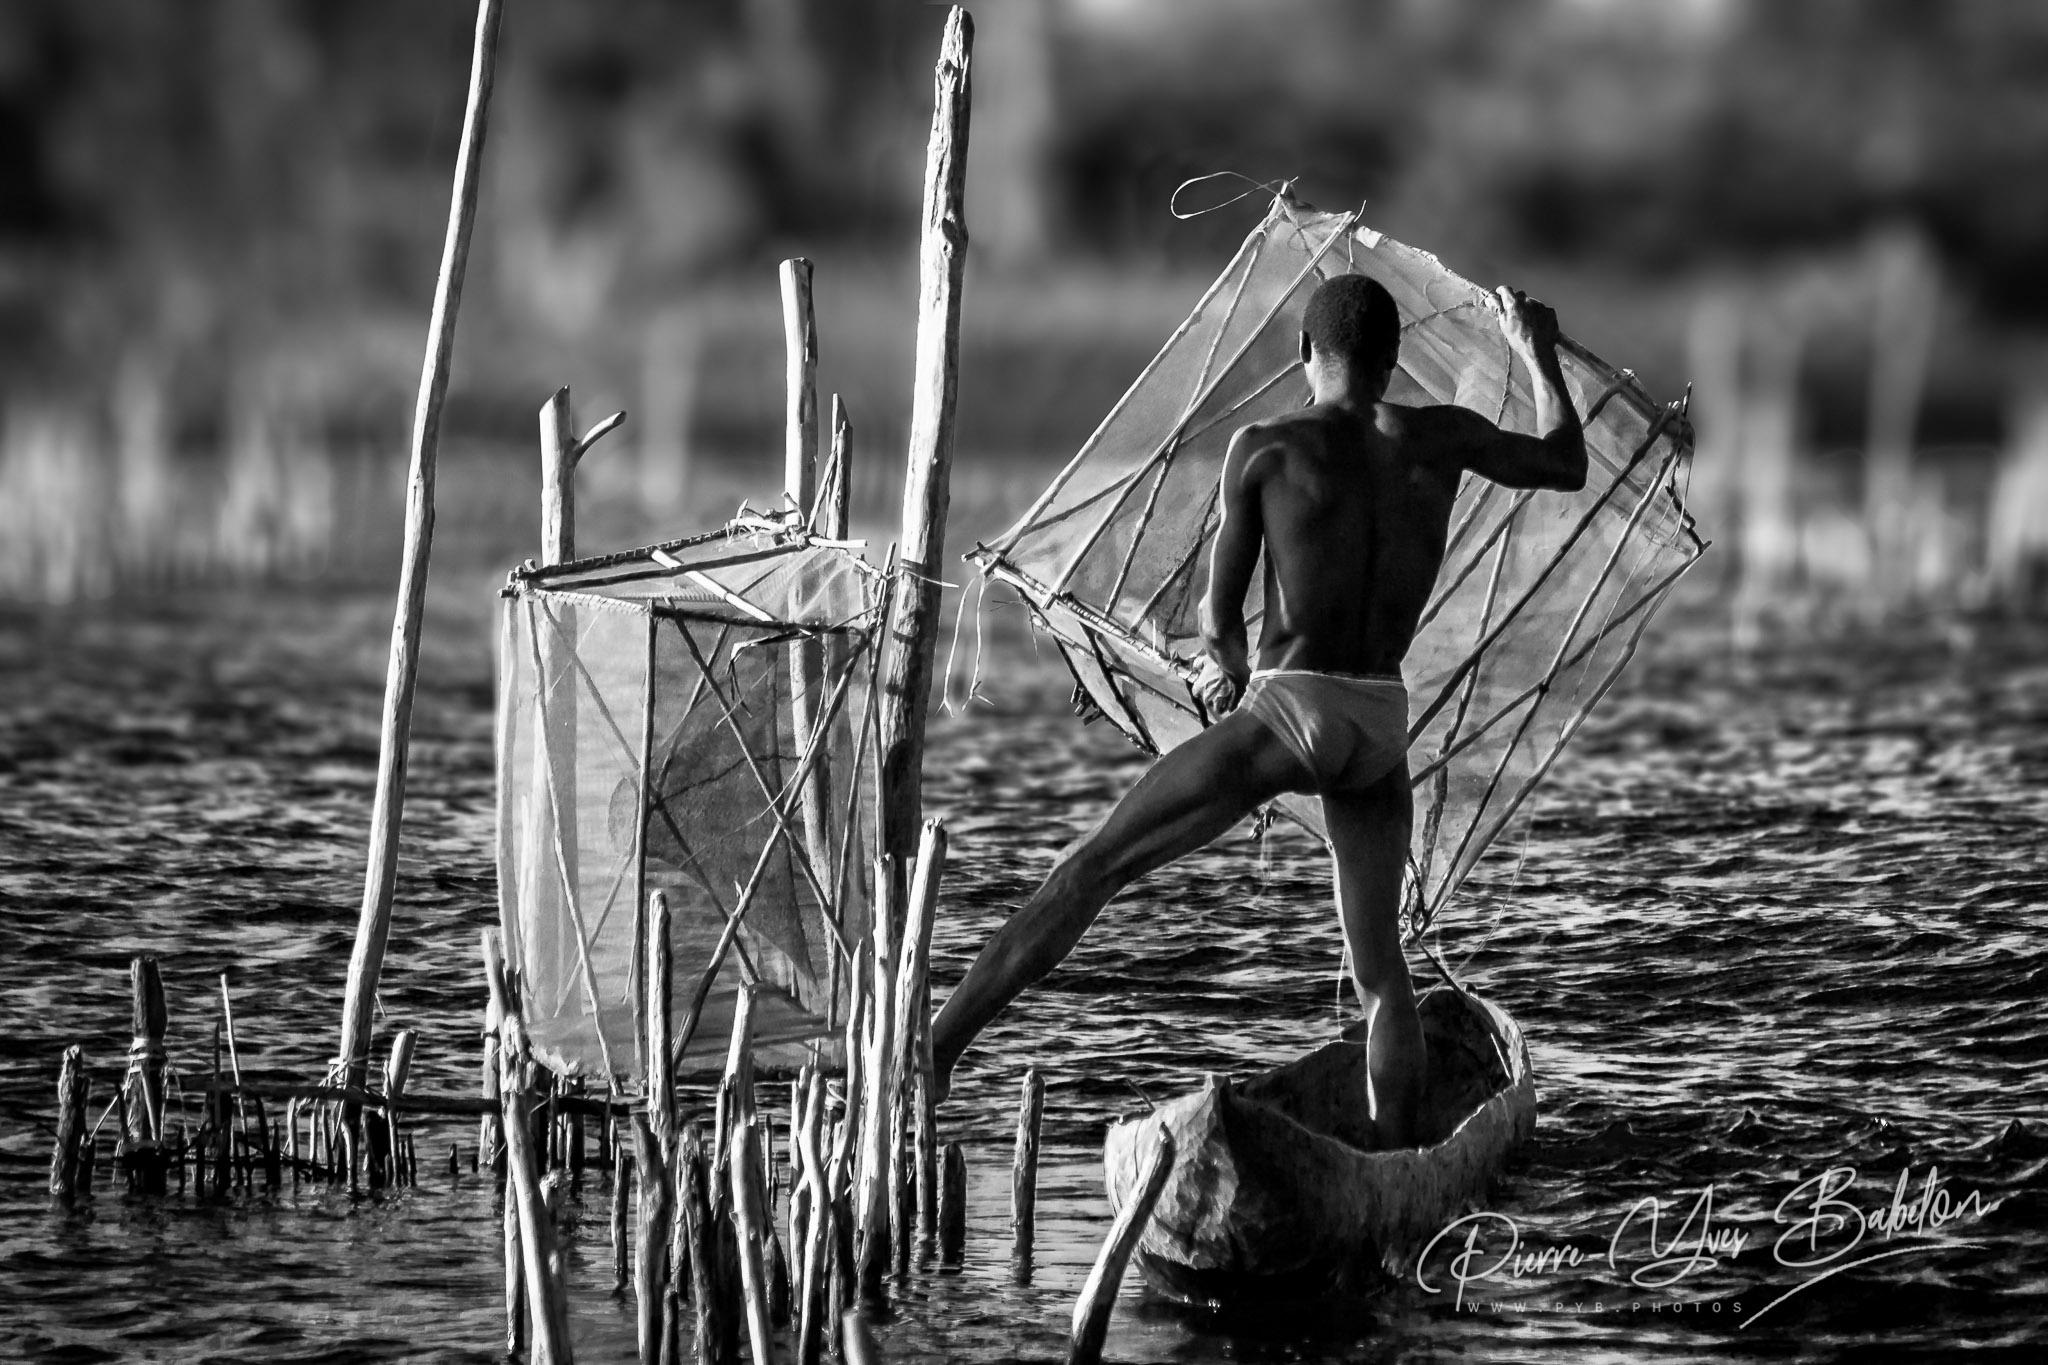 Acrobatic fishing